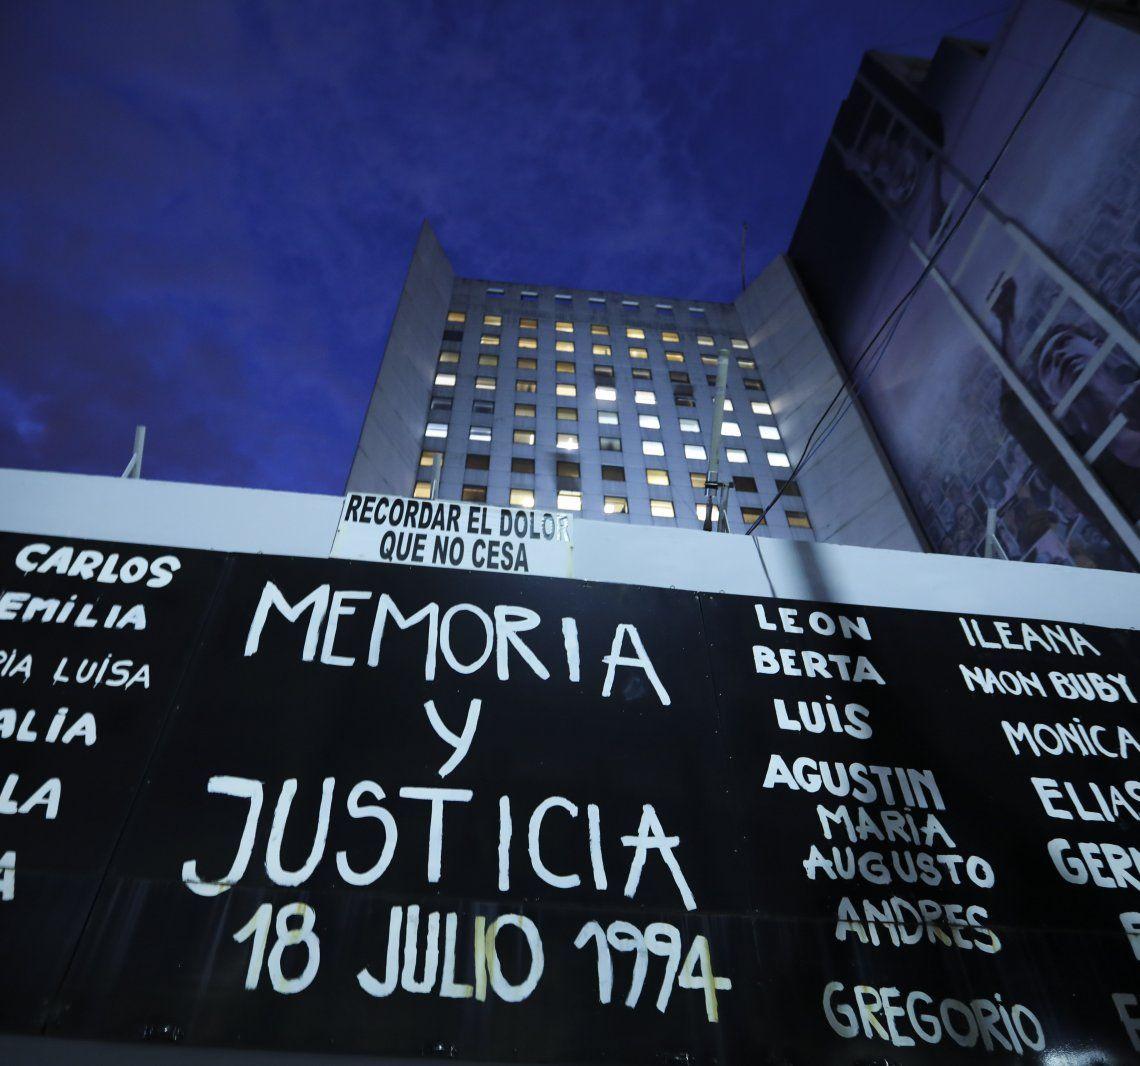 El atentado a la AMIA fue perpetrado en 1994